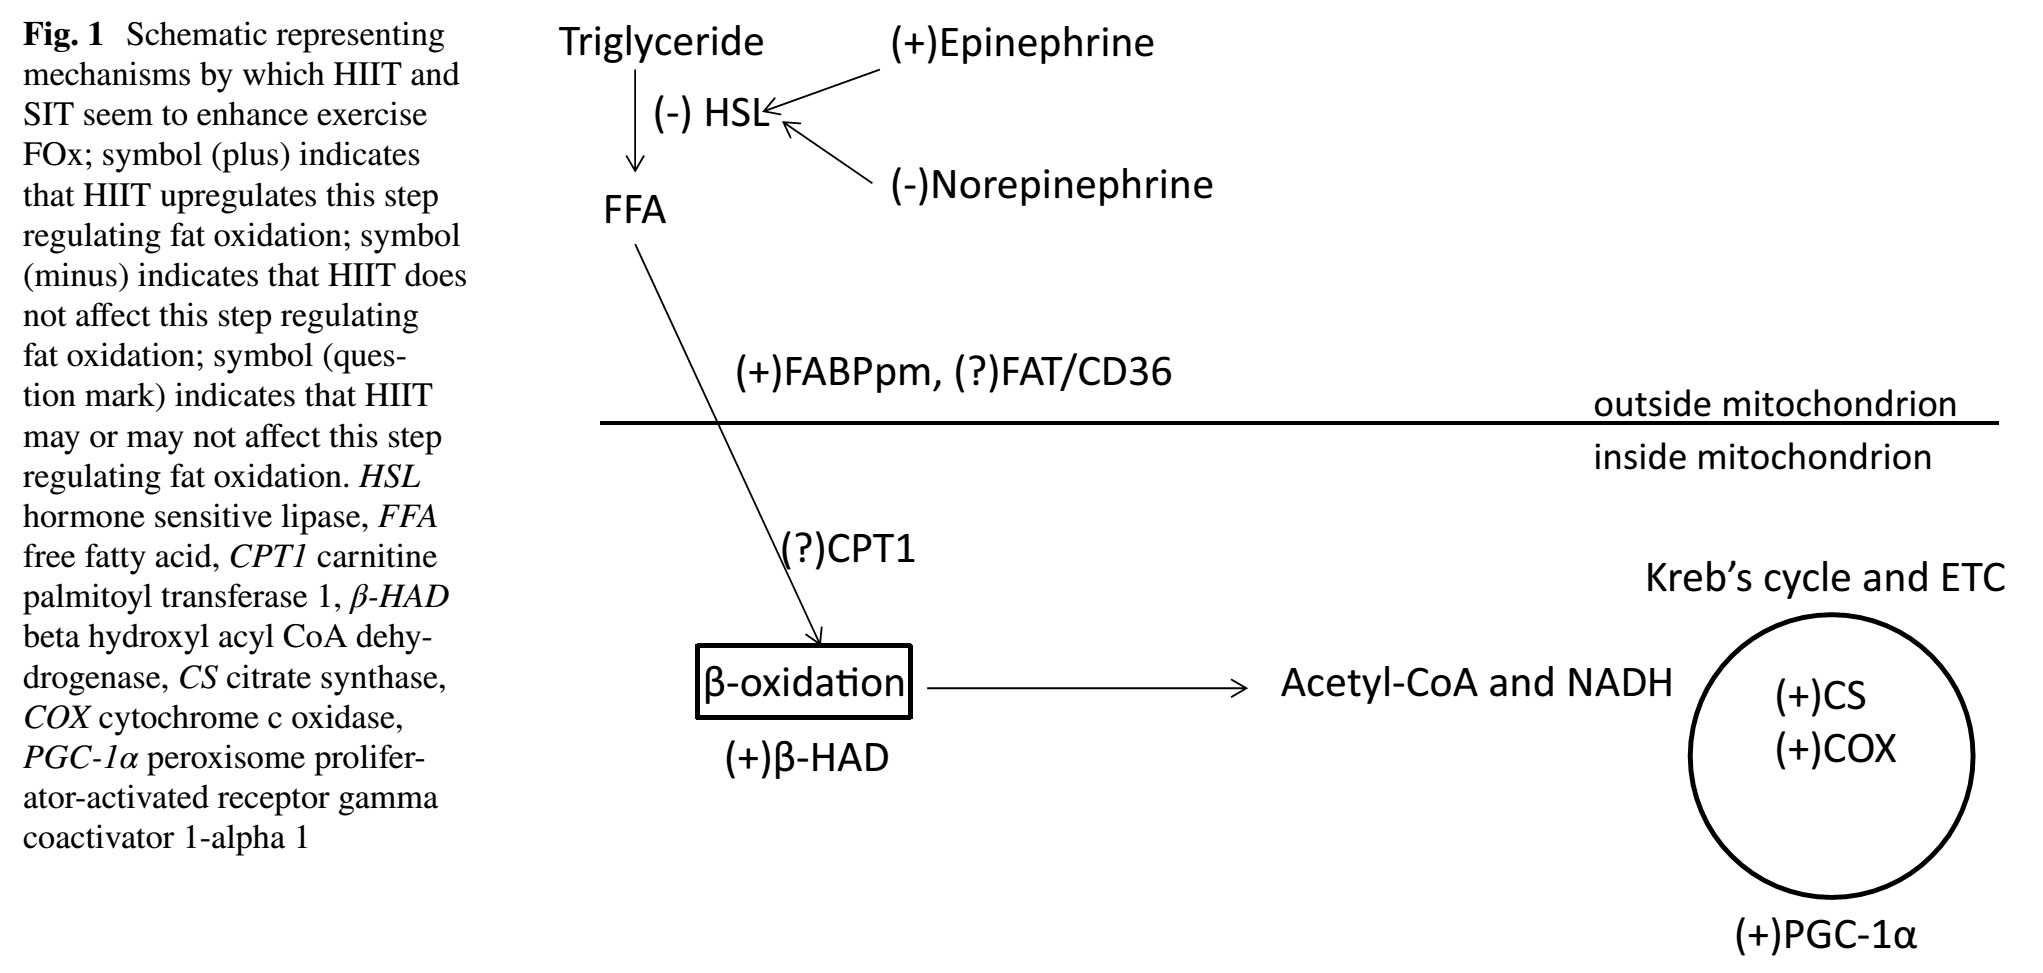 Qué tan difícil resulta examinar cambios en la oxidación de grasas en respuesta a distintos regímenes de entrenamiento por intervalos de alta intensidad (HIIT).